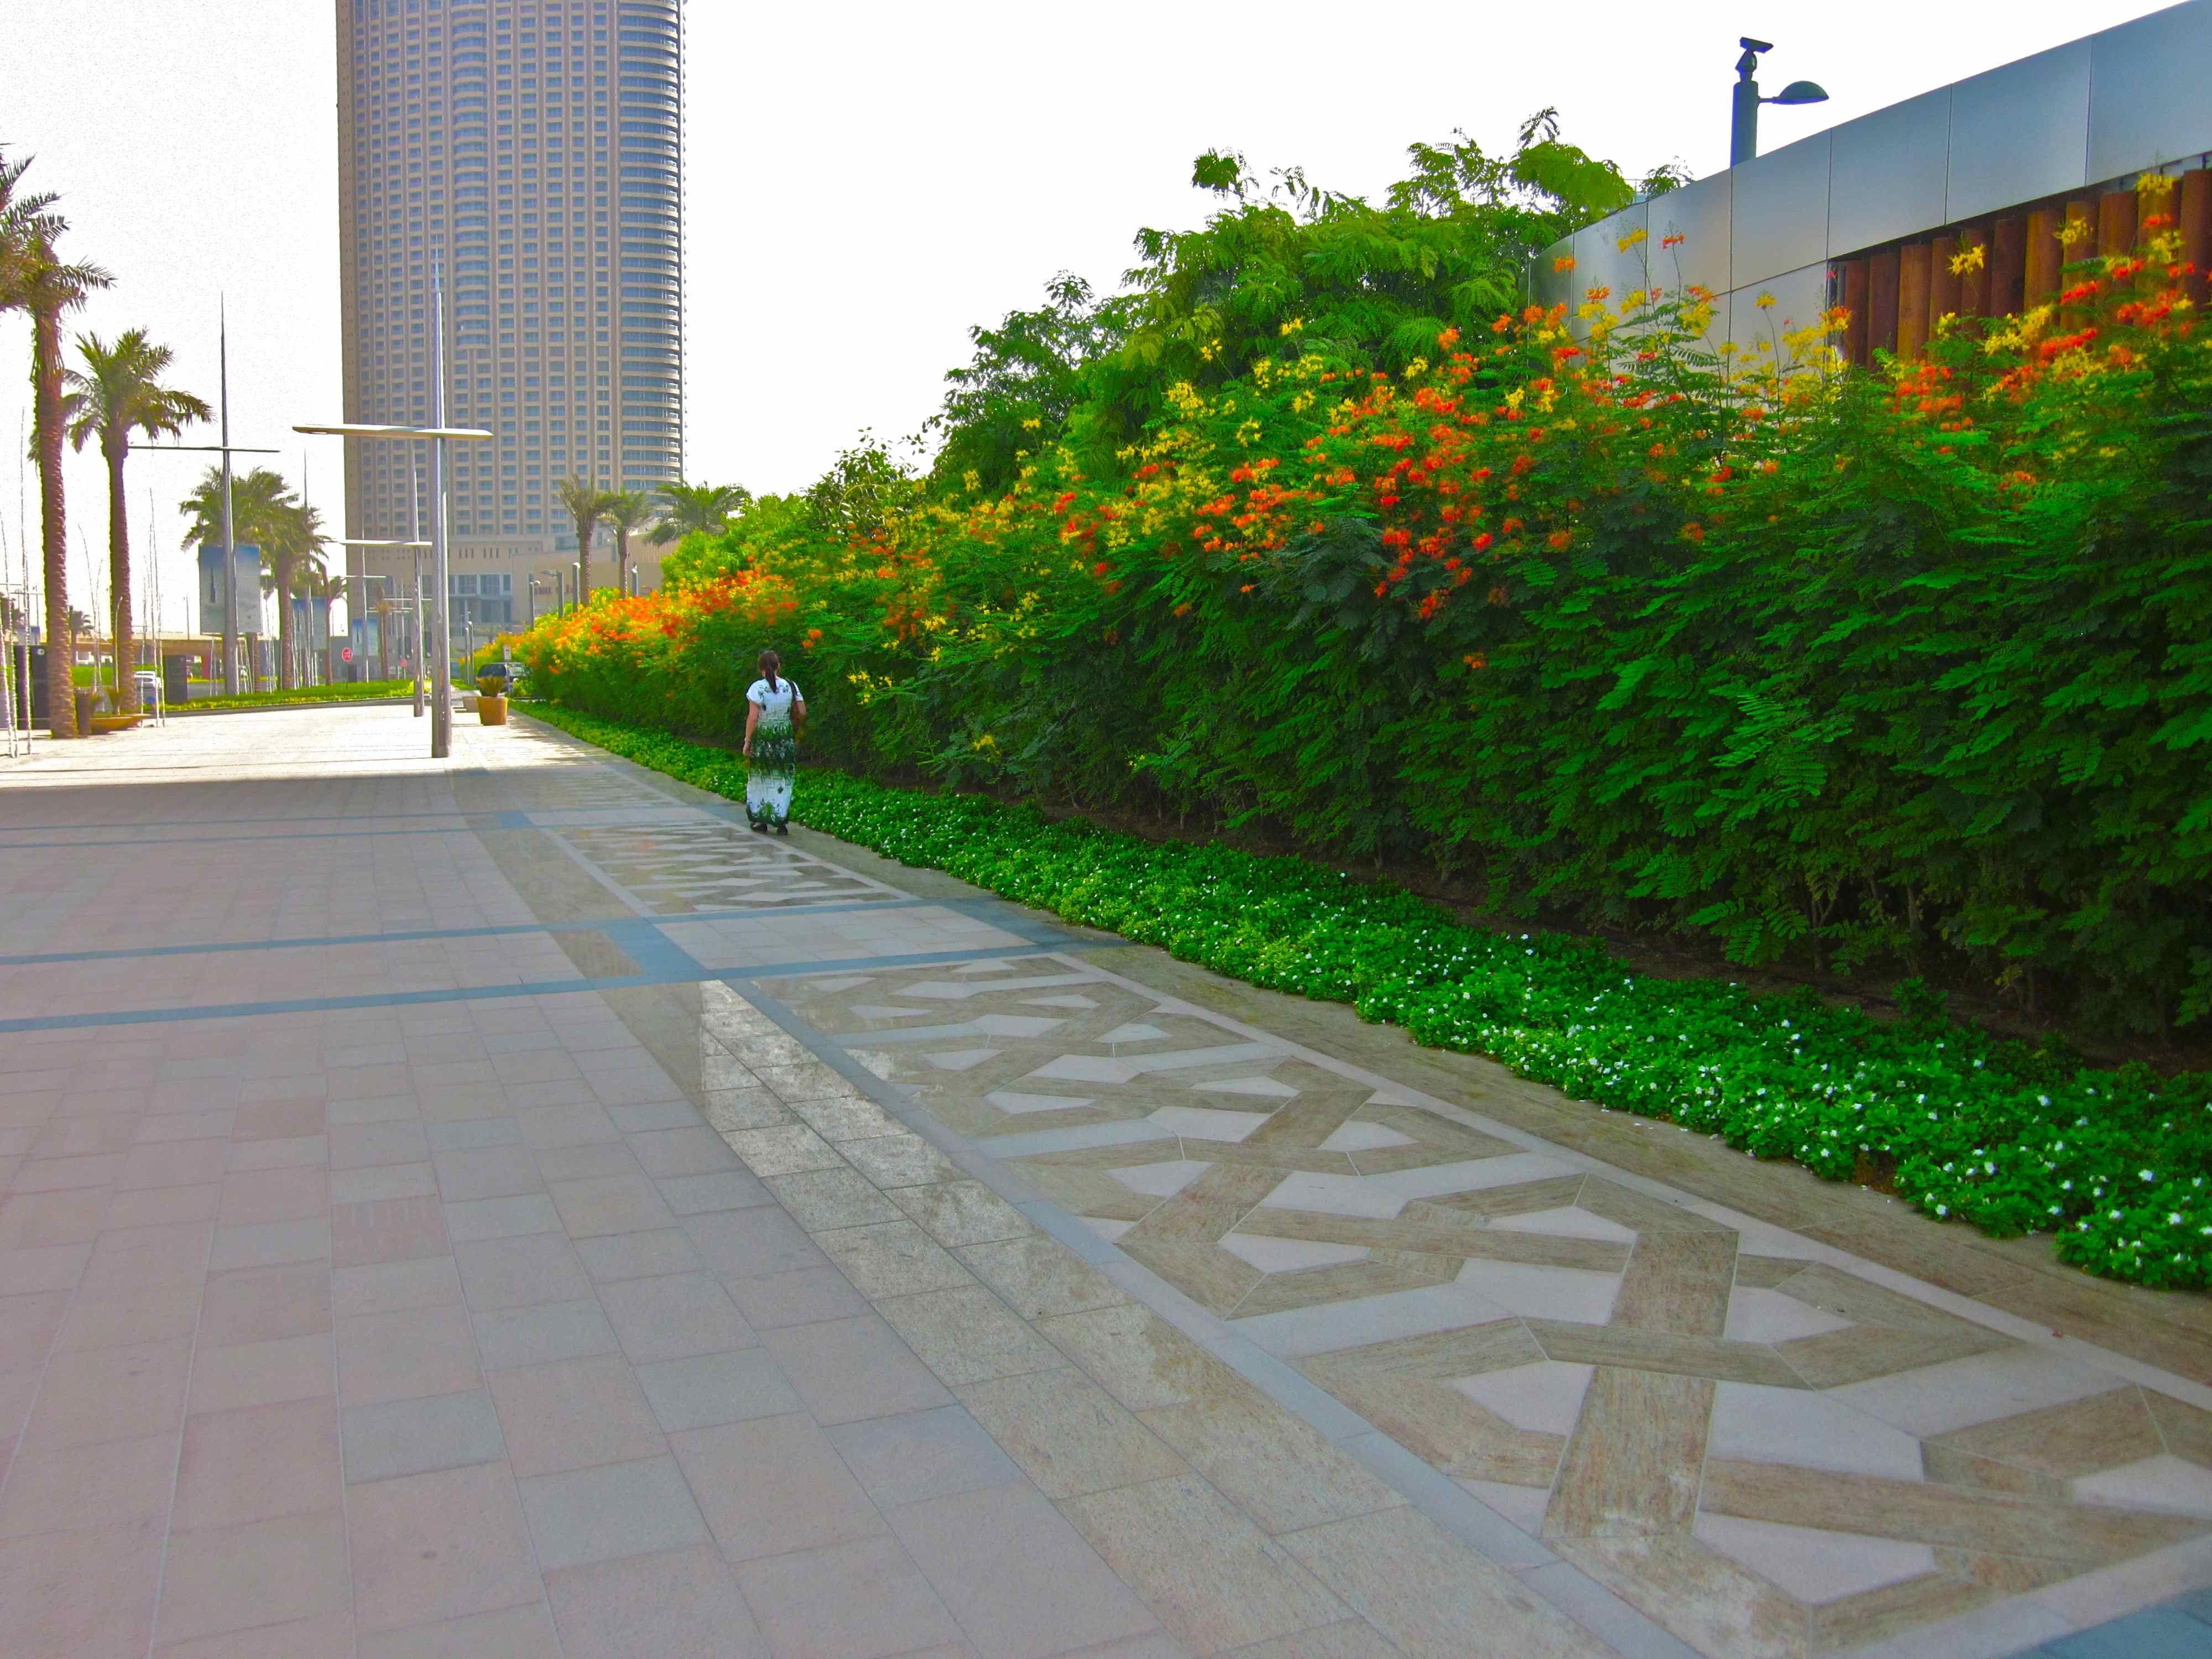 plants of kuwait - Google Search   Plants, Kuwait, Sidewalk